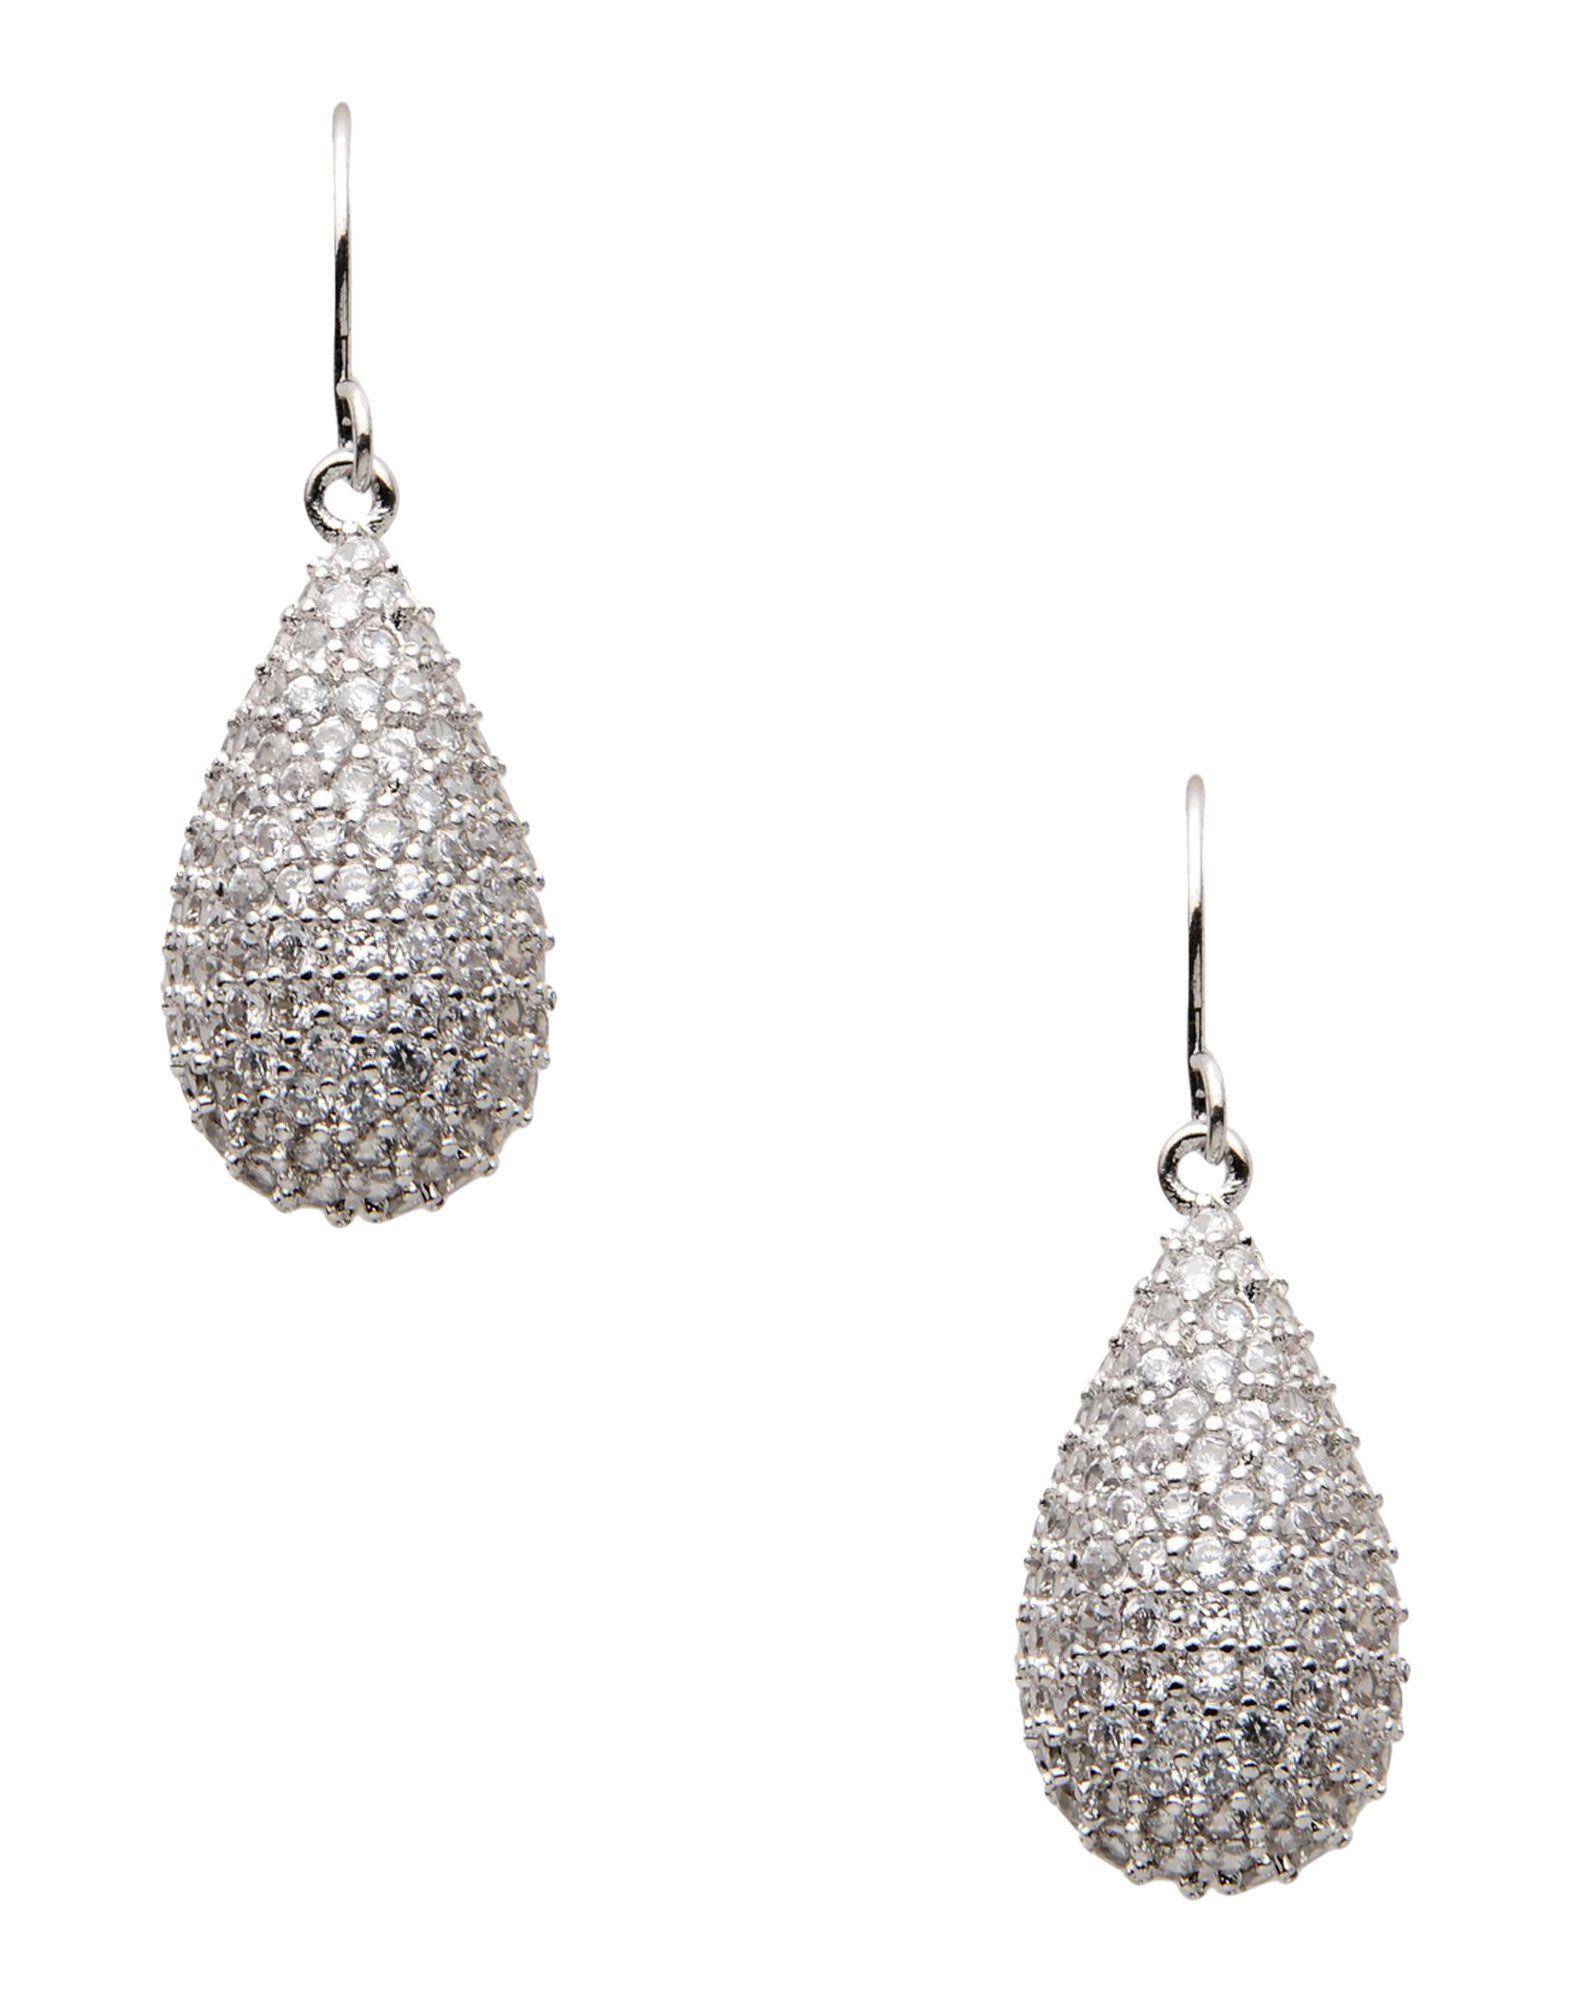 CZ BY KENNETH JAY LANE Earrings